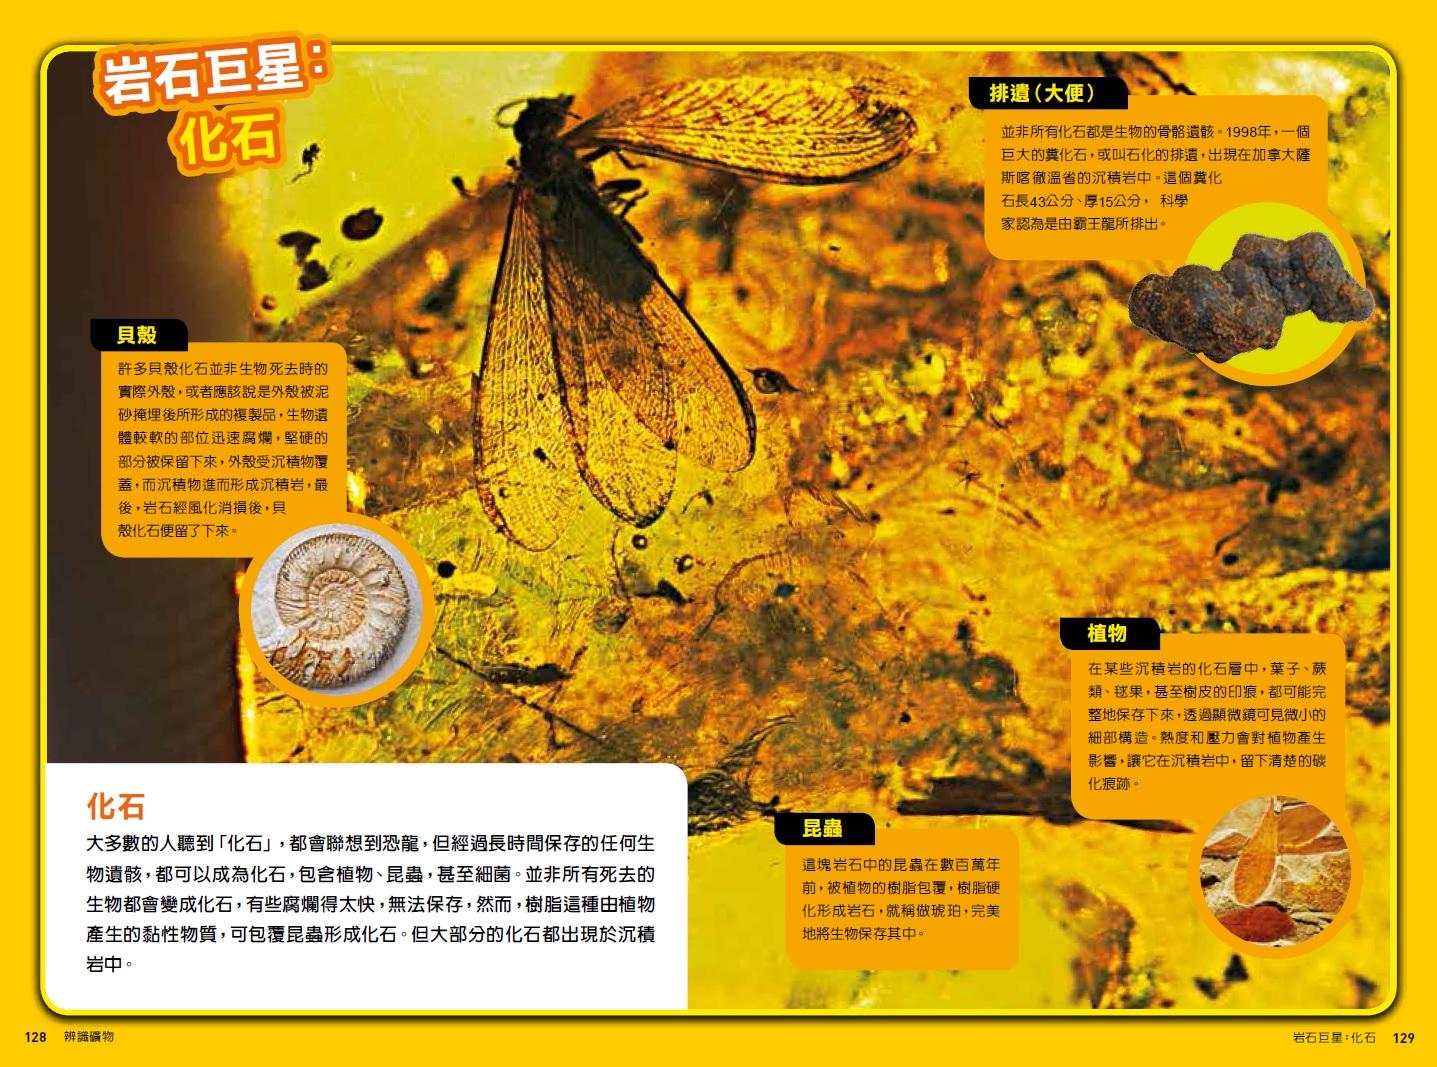 圖片出自《國家地理探險王野外觀察指南:辨識礦物》